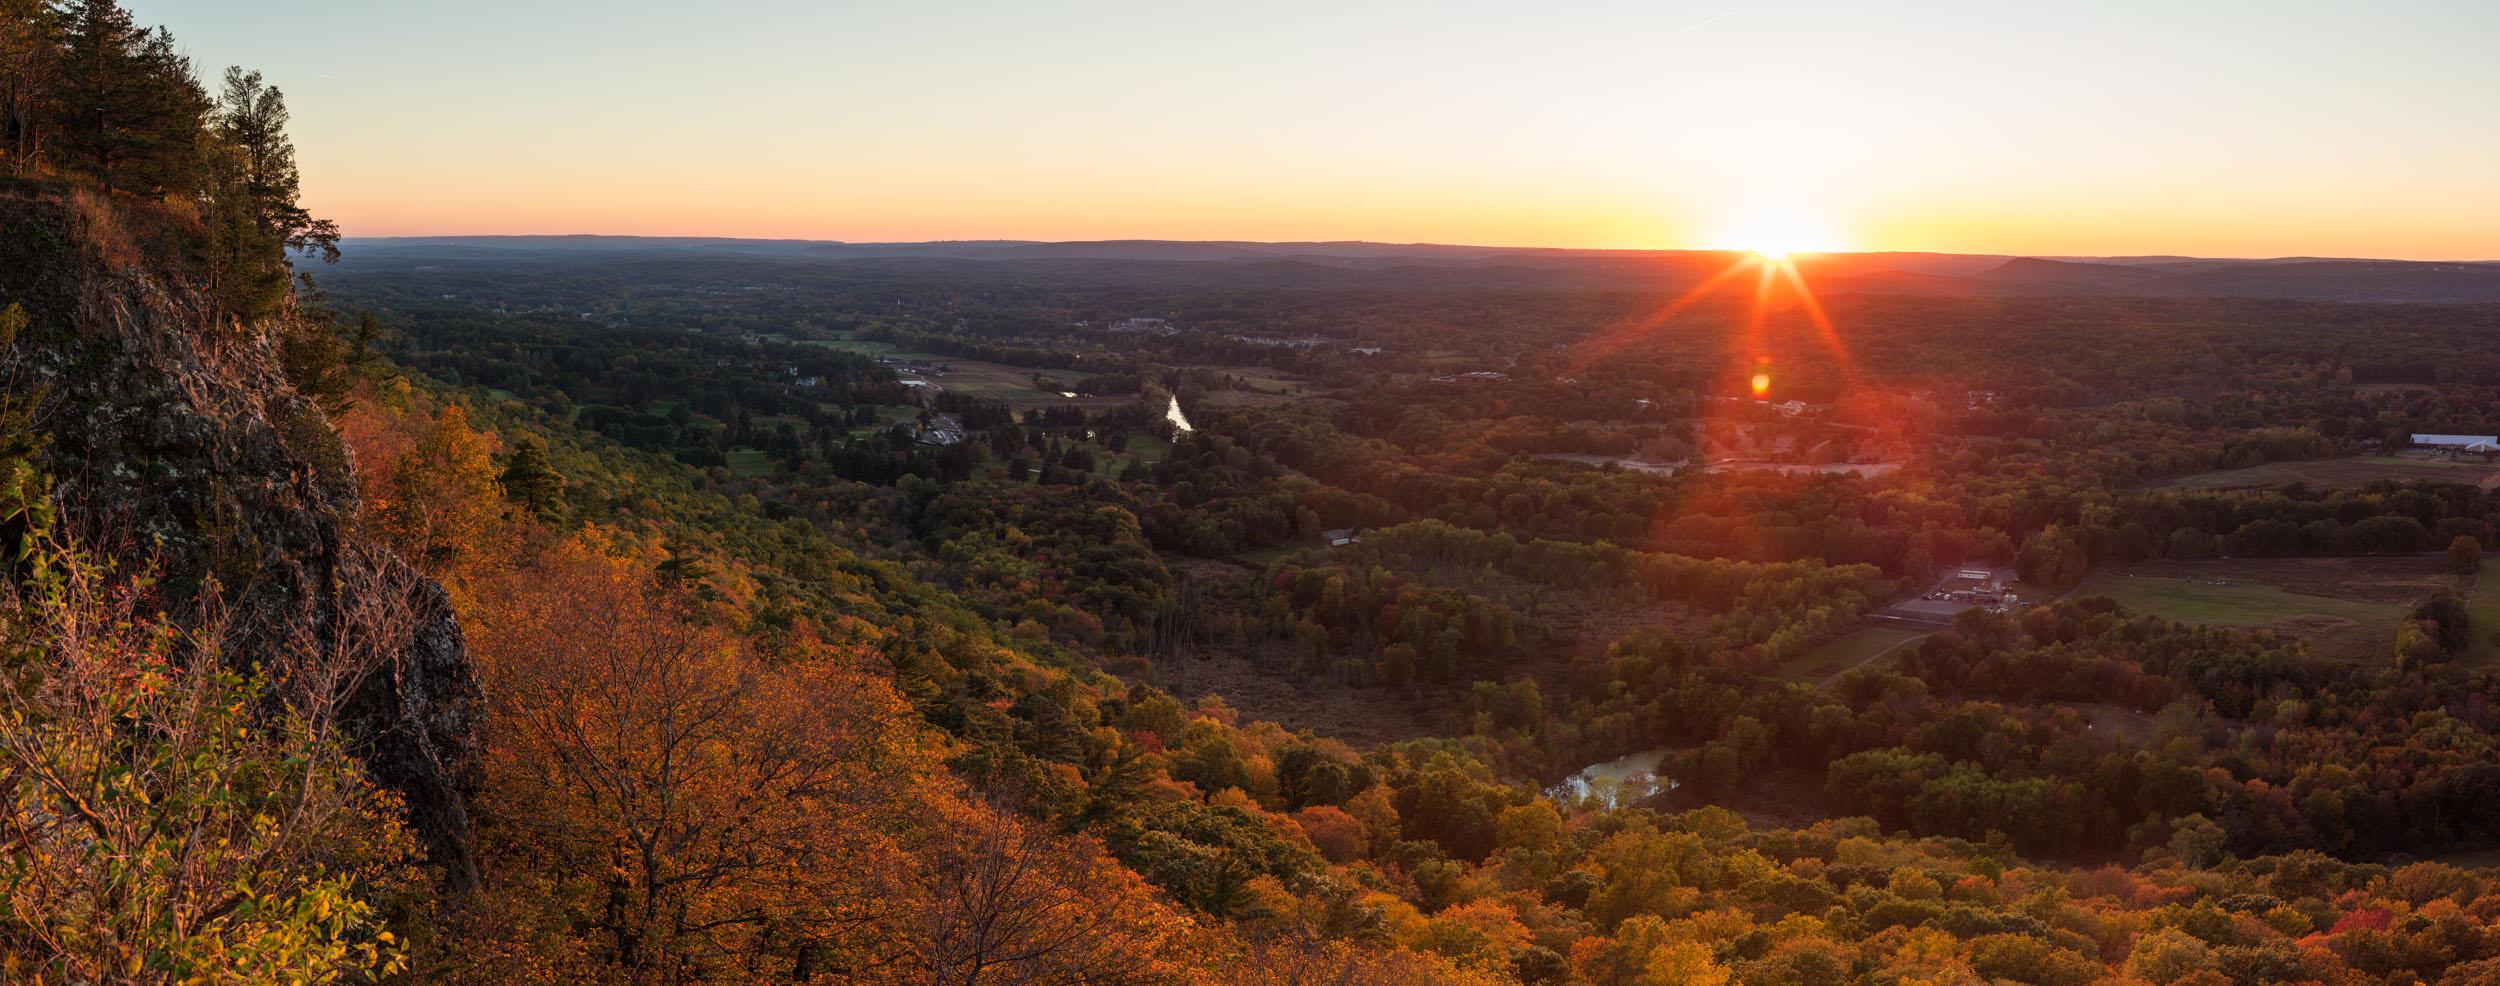 Talcott Mountain, CT